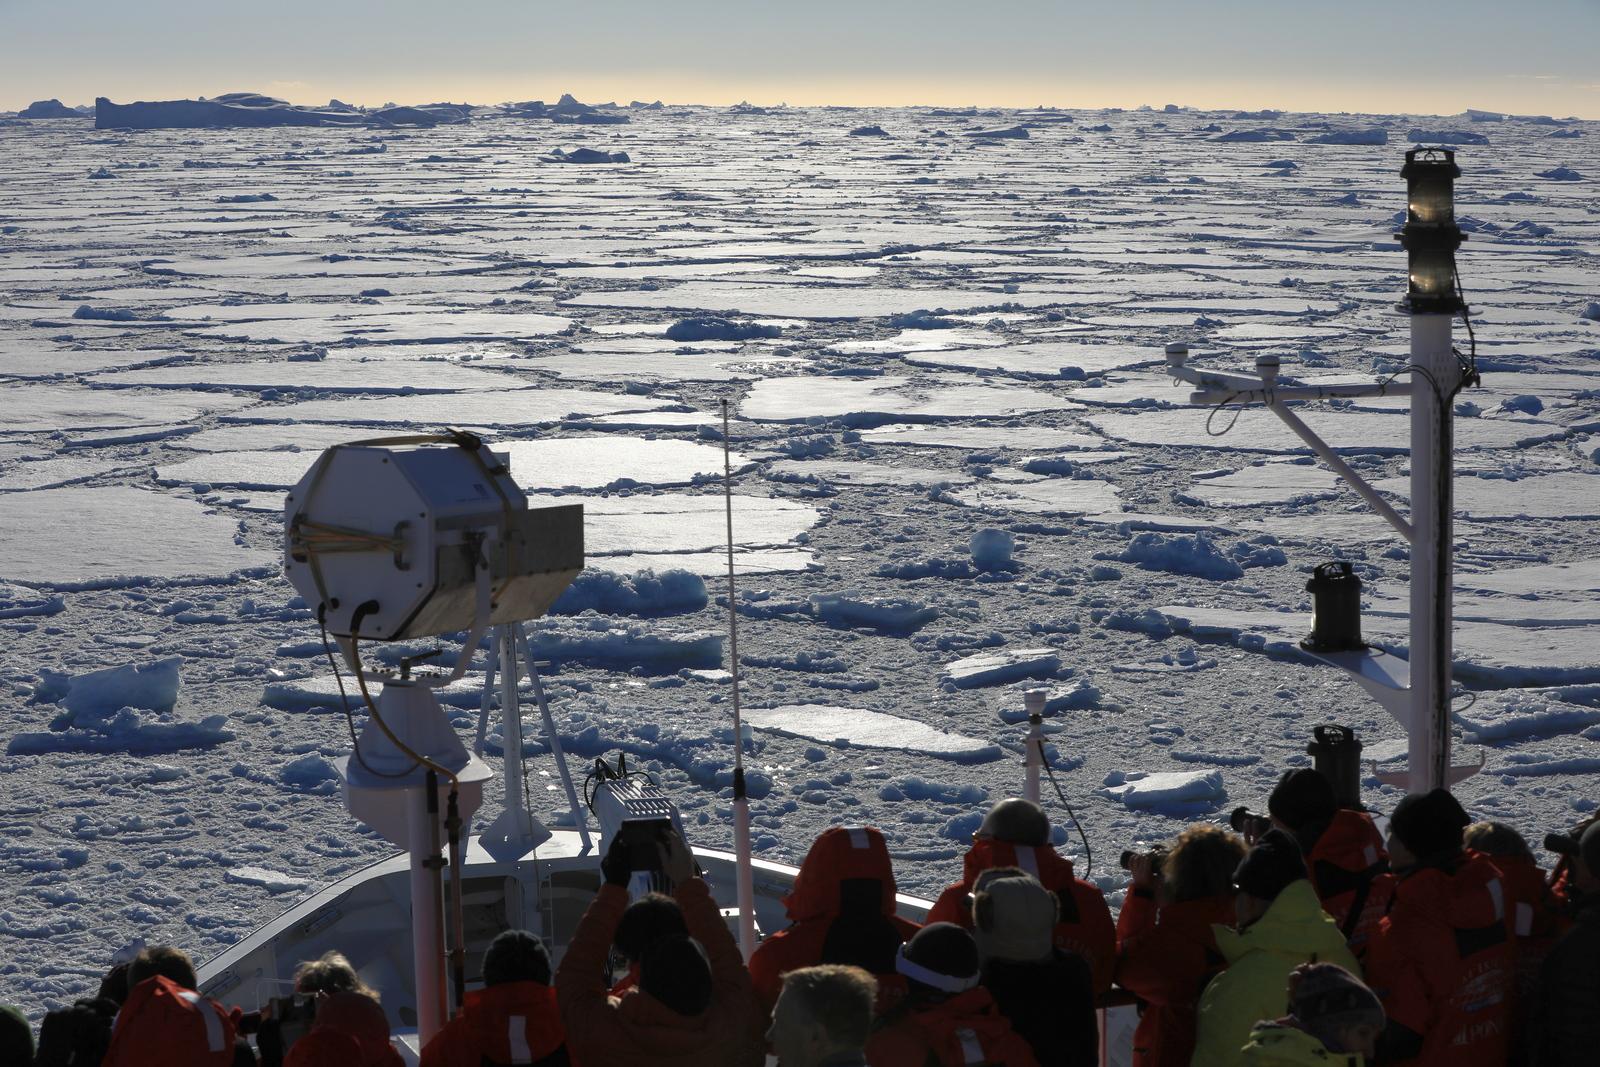 1702_Antarctique_02912_c_sm.jpg